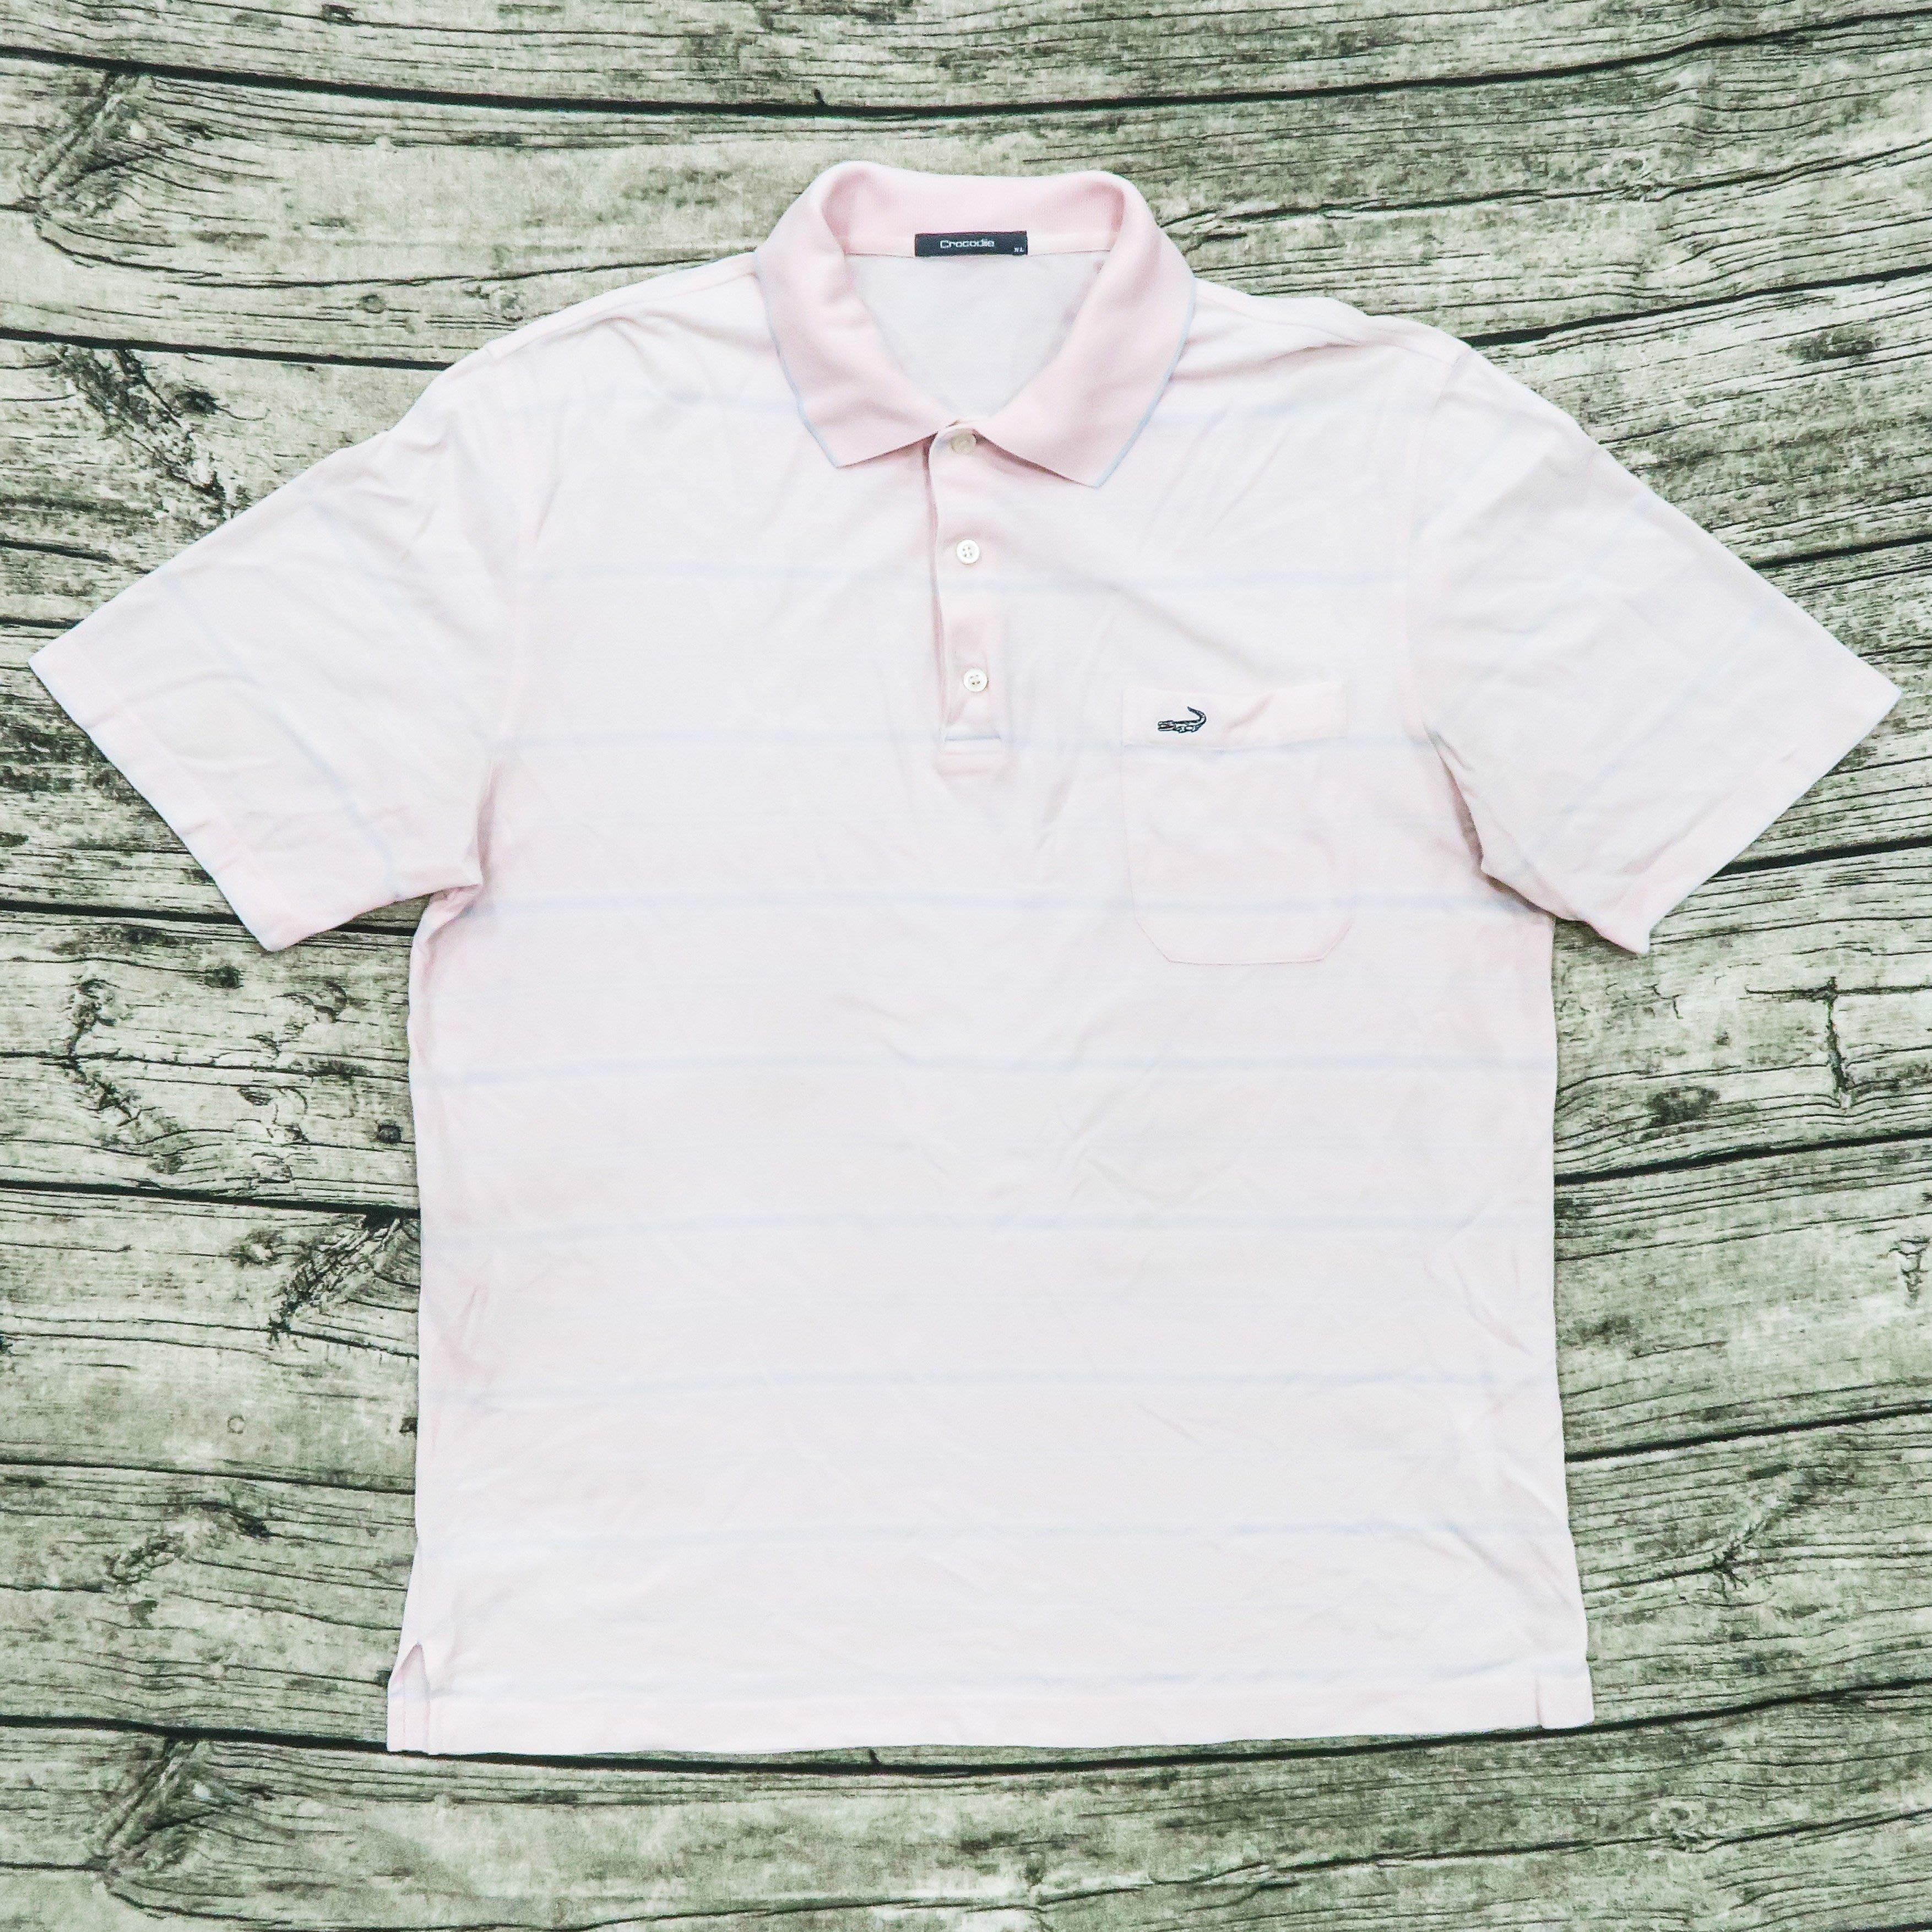 【品牌競區】Crocodile / 粉紅色 / 條紋 / 短袖 / POLO衫 / XL號~ 4D24